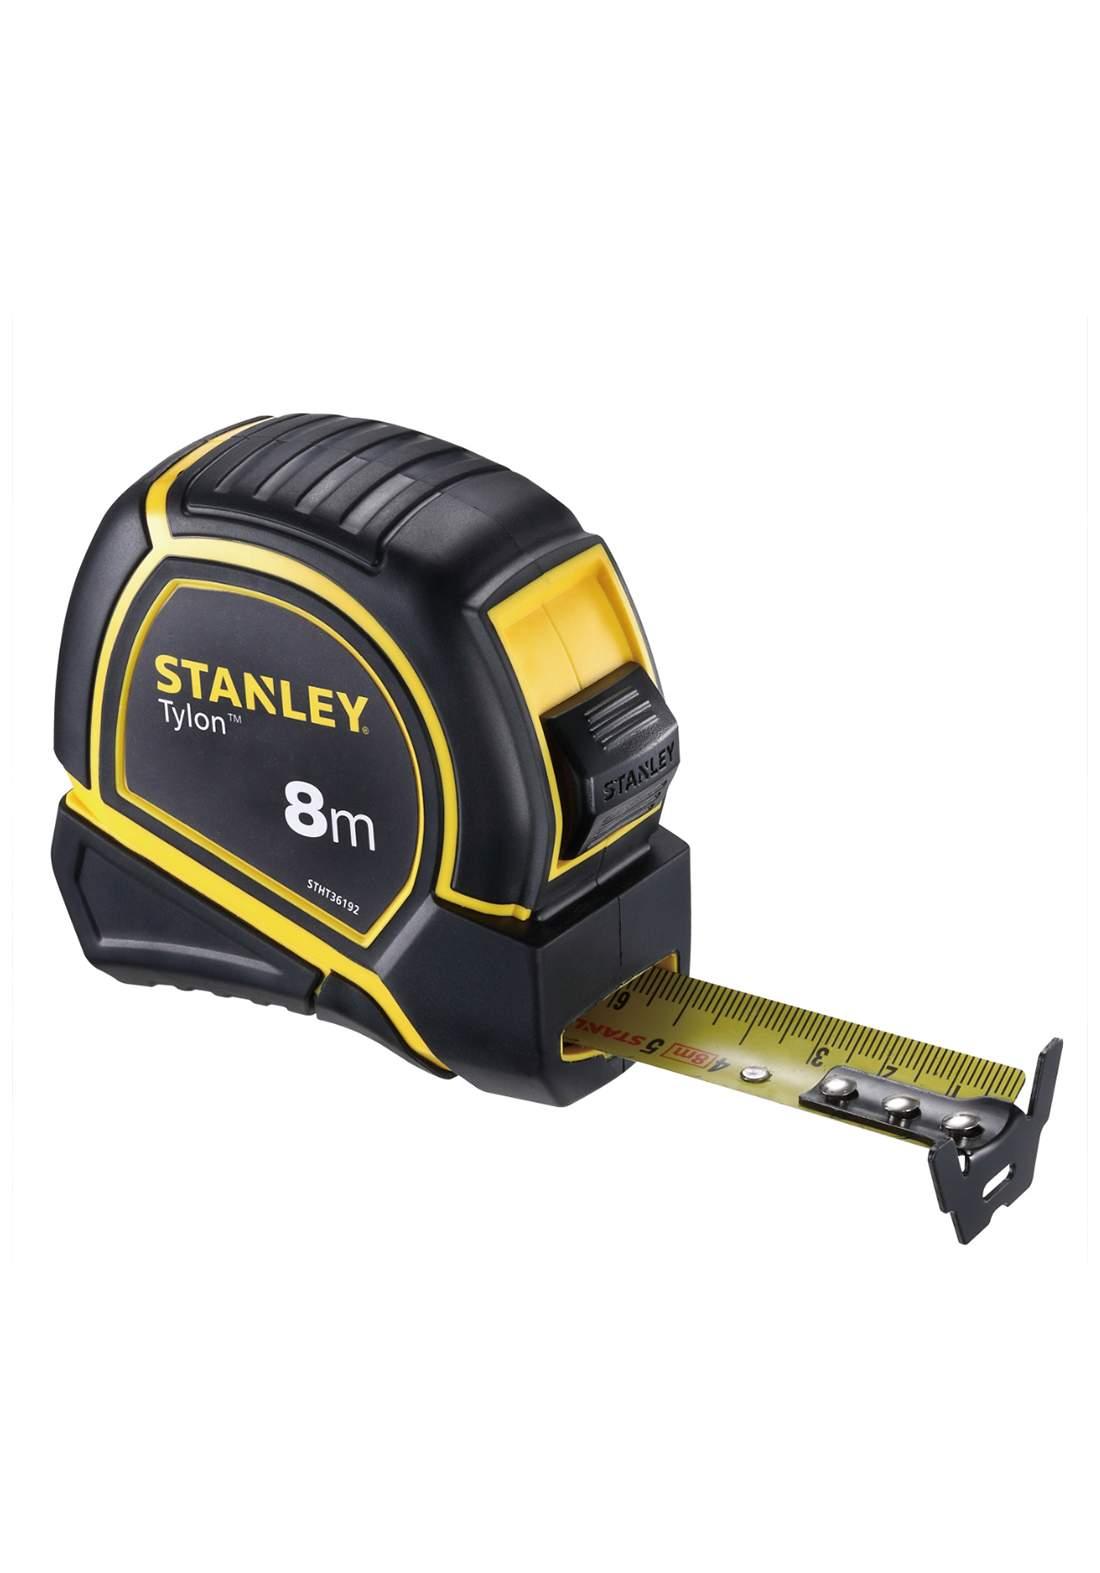 Stanley STHT36192 Tylon Measuring Tape 8M/E x 25mm فيتة  8 م